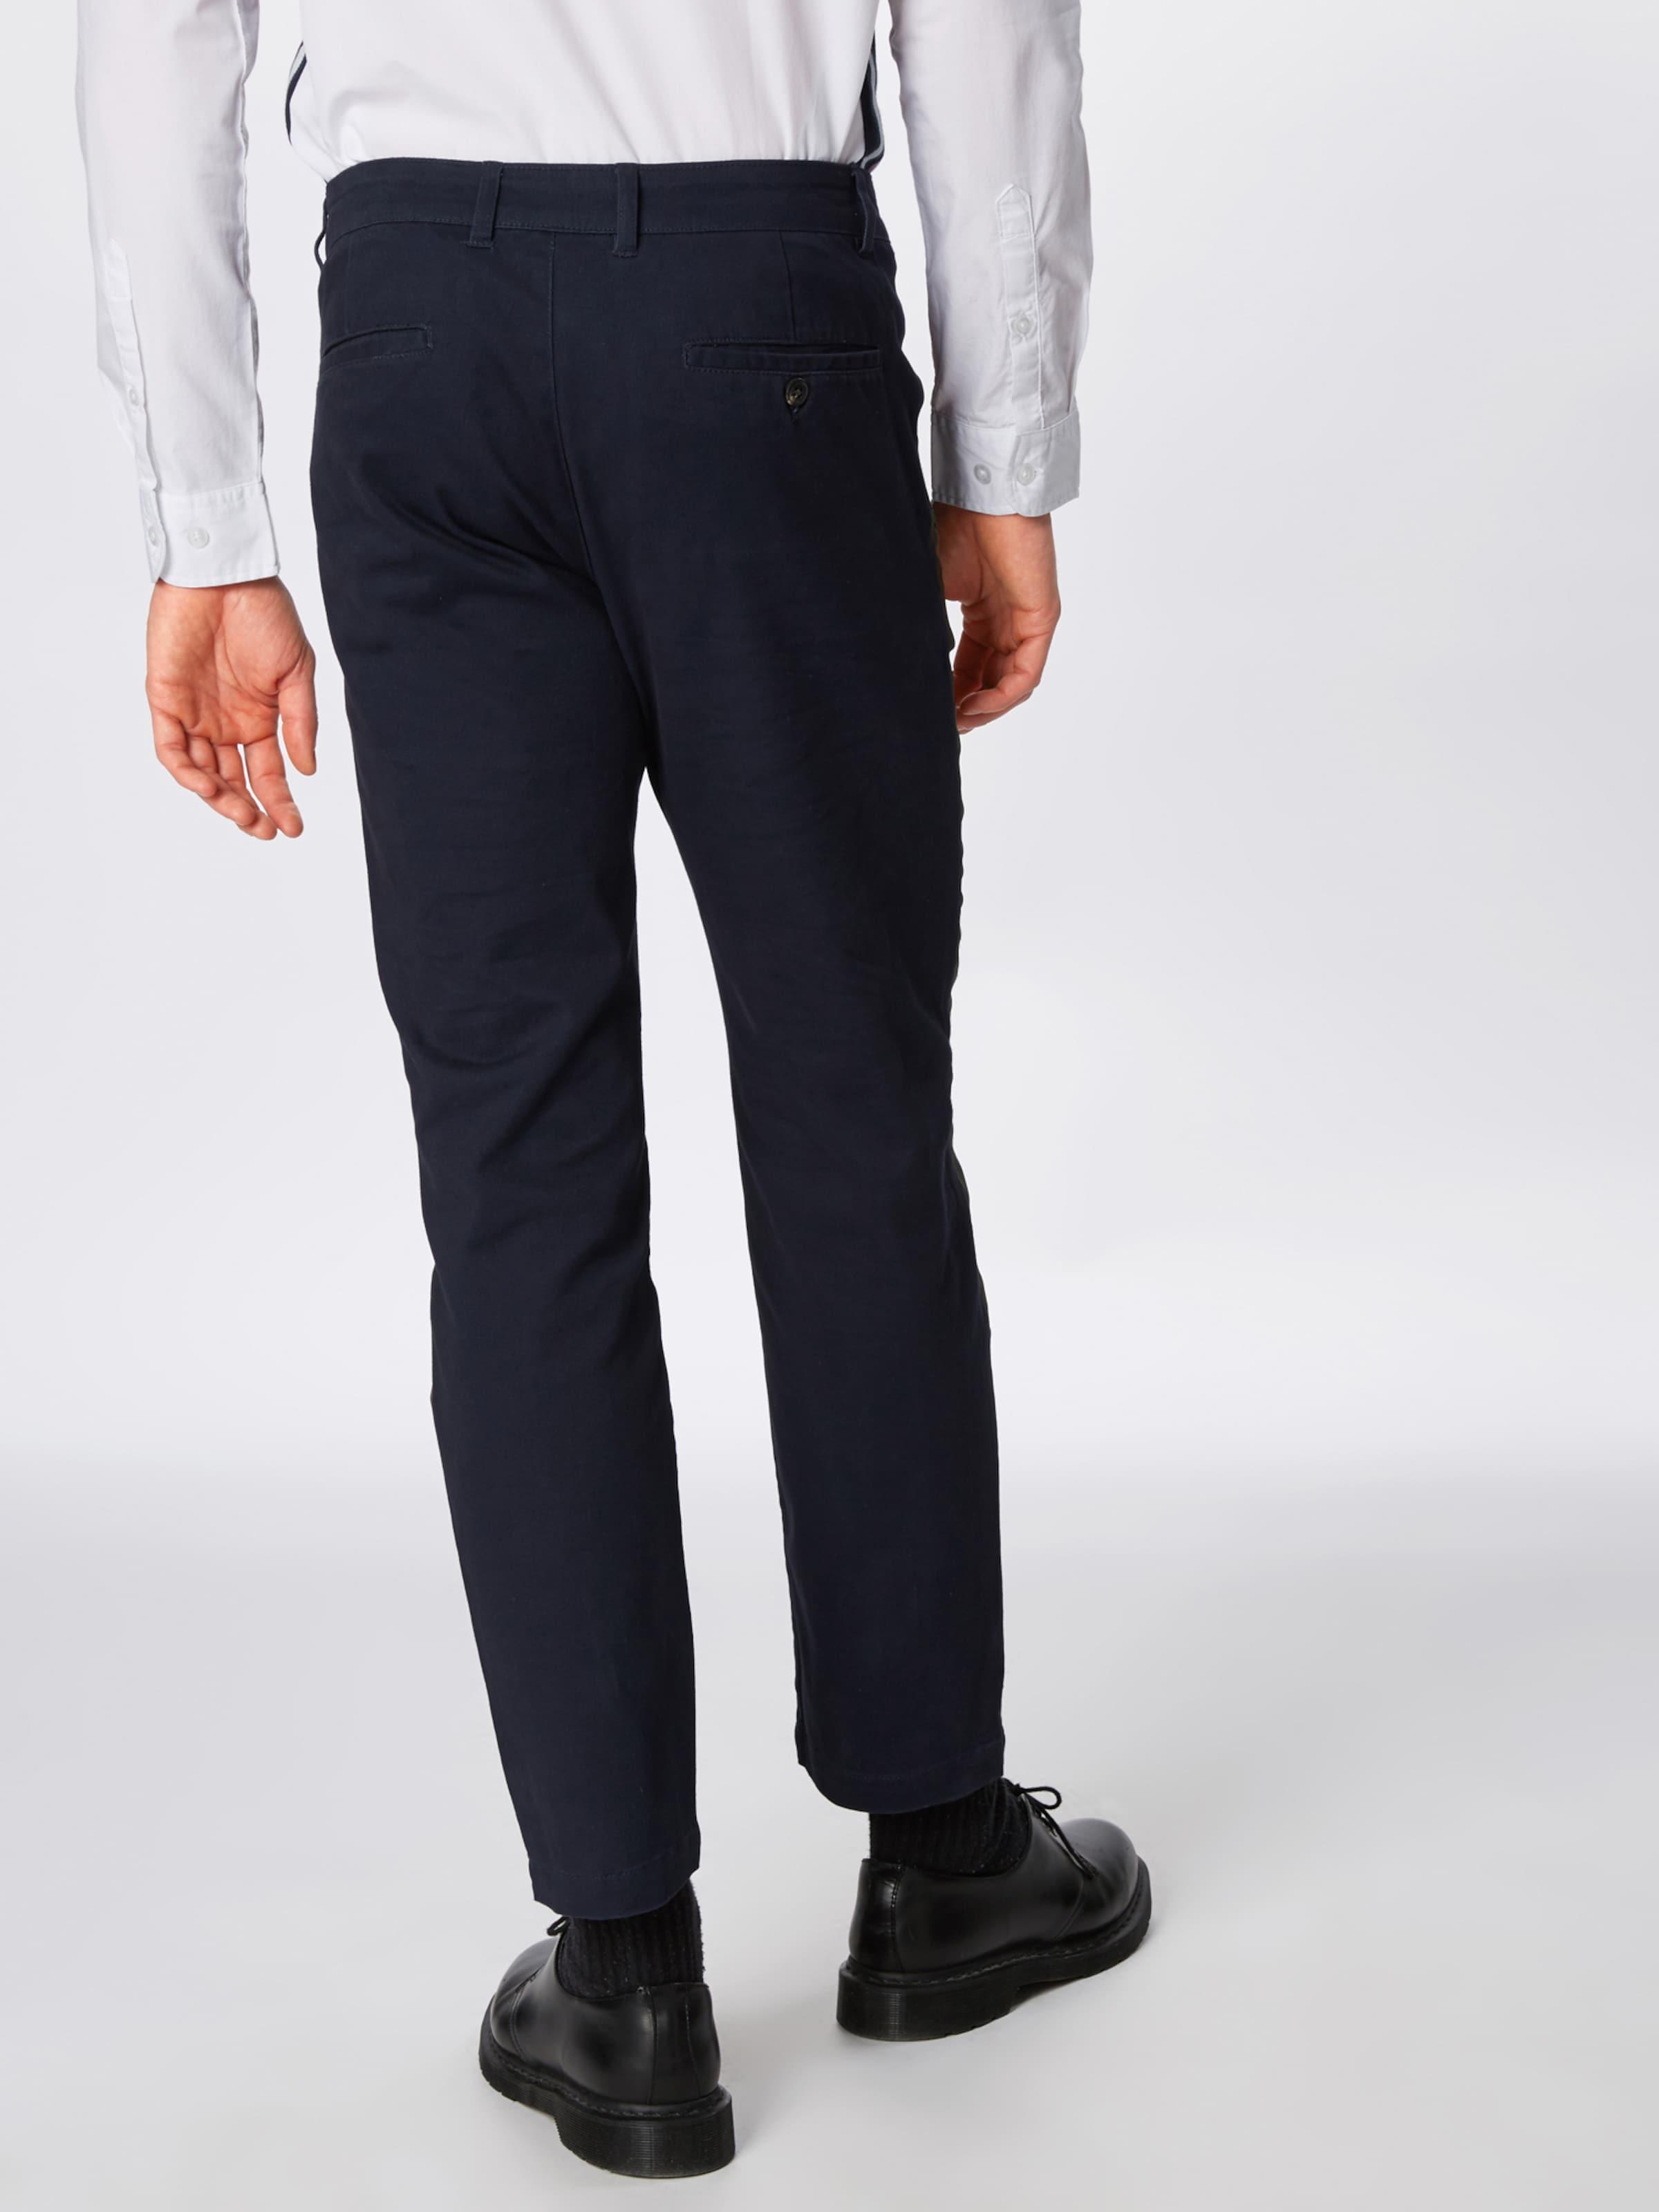 stripe Kiomi 'side En Bleu Marine Chino' Pantalon UGLqpSzMV